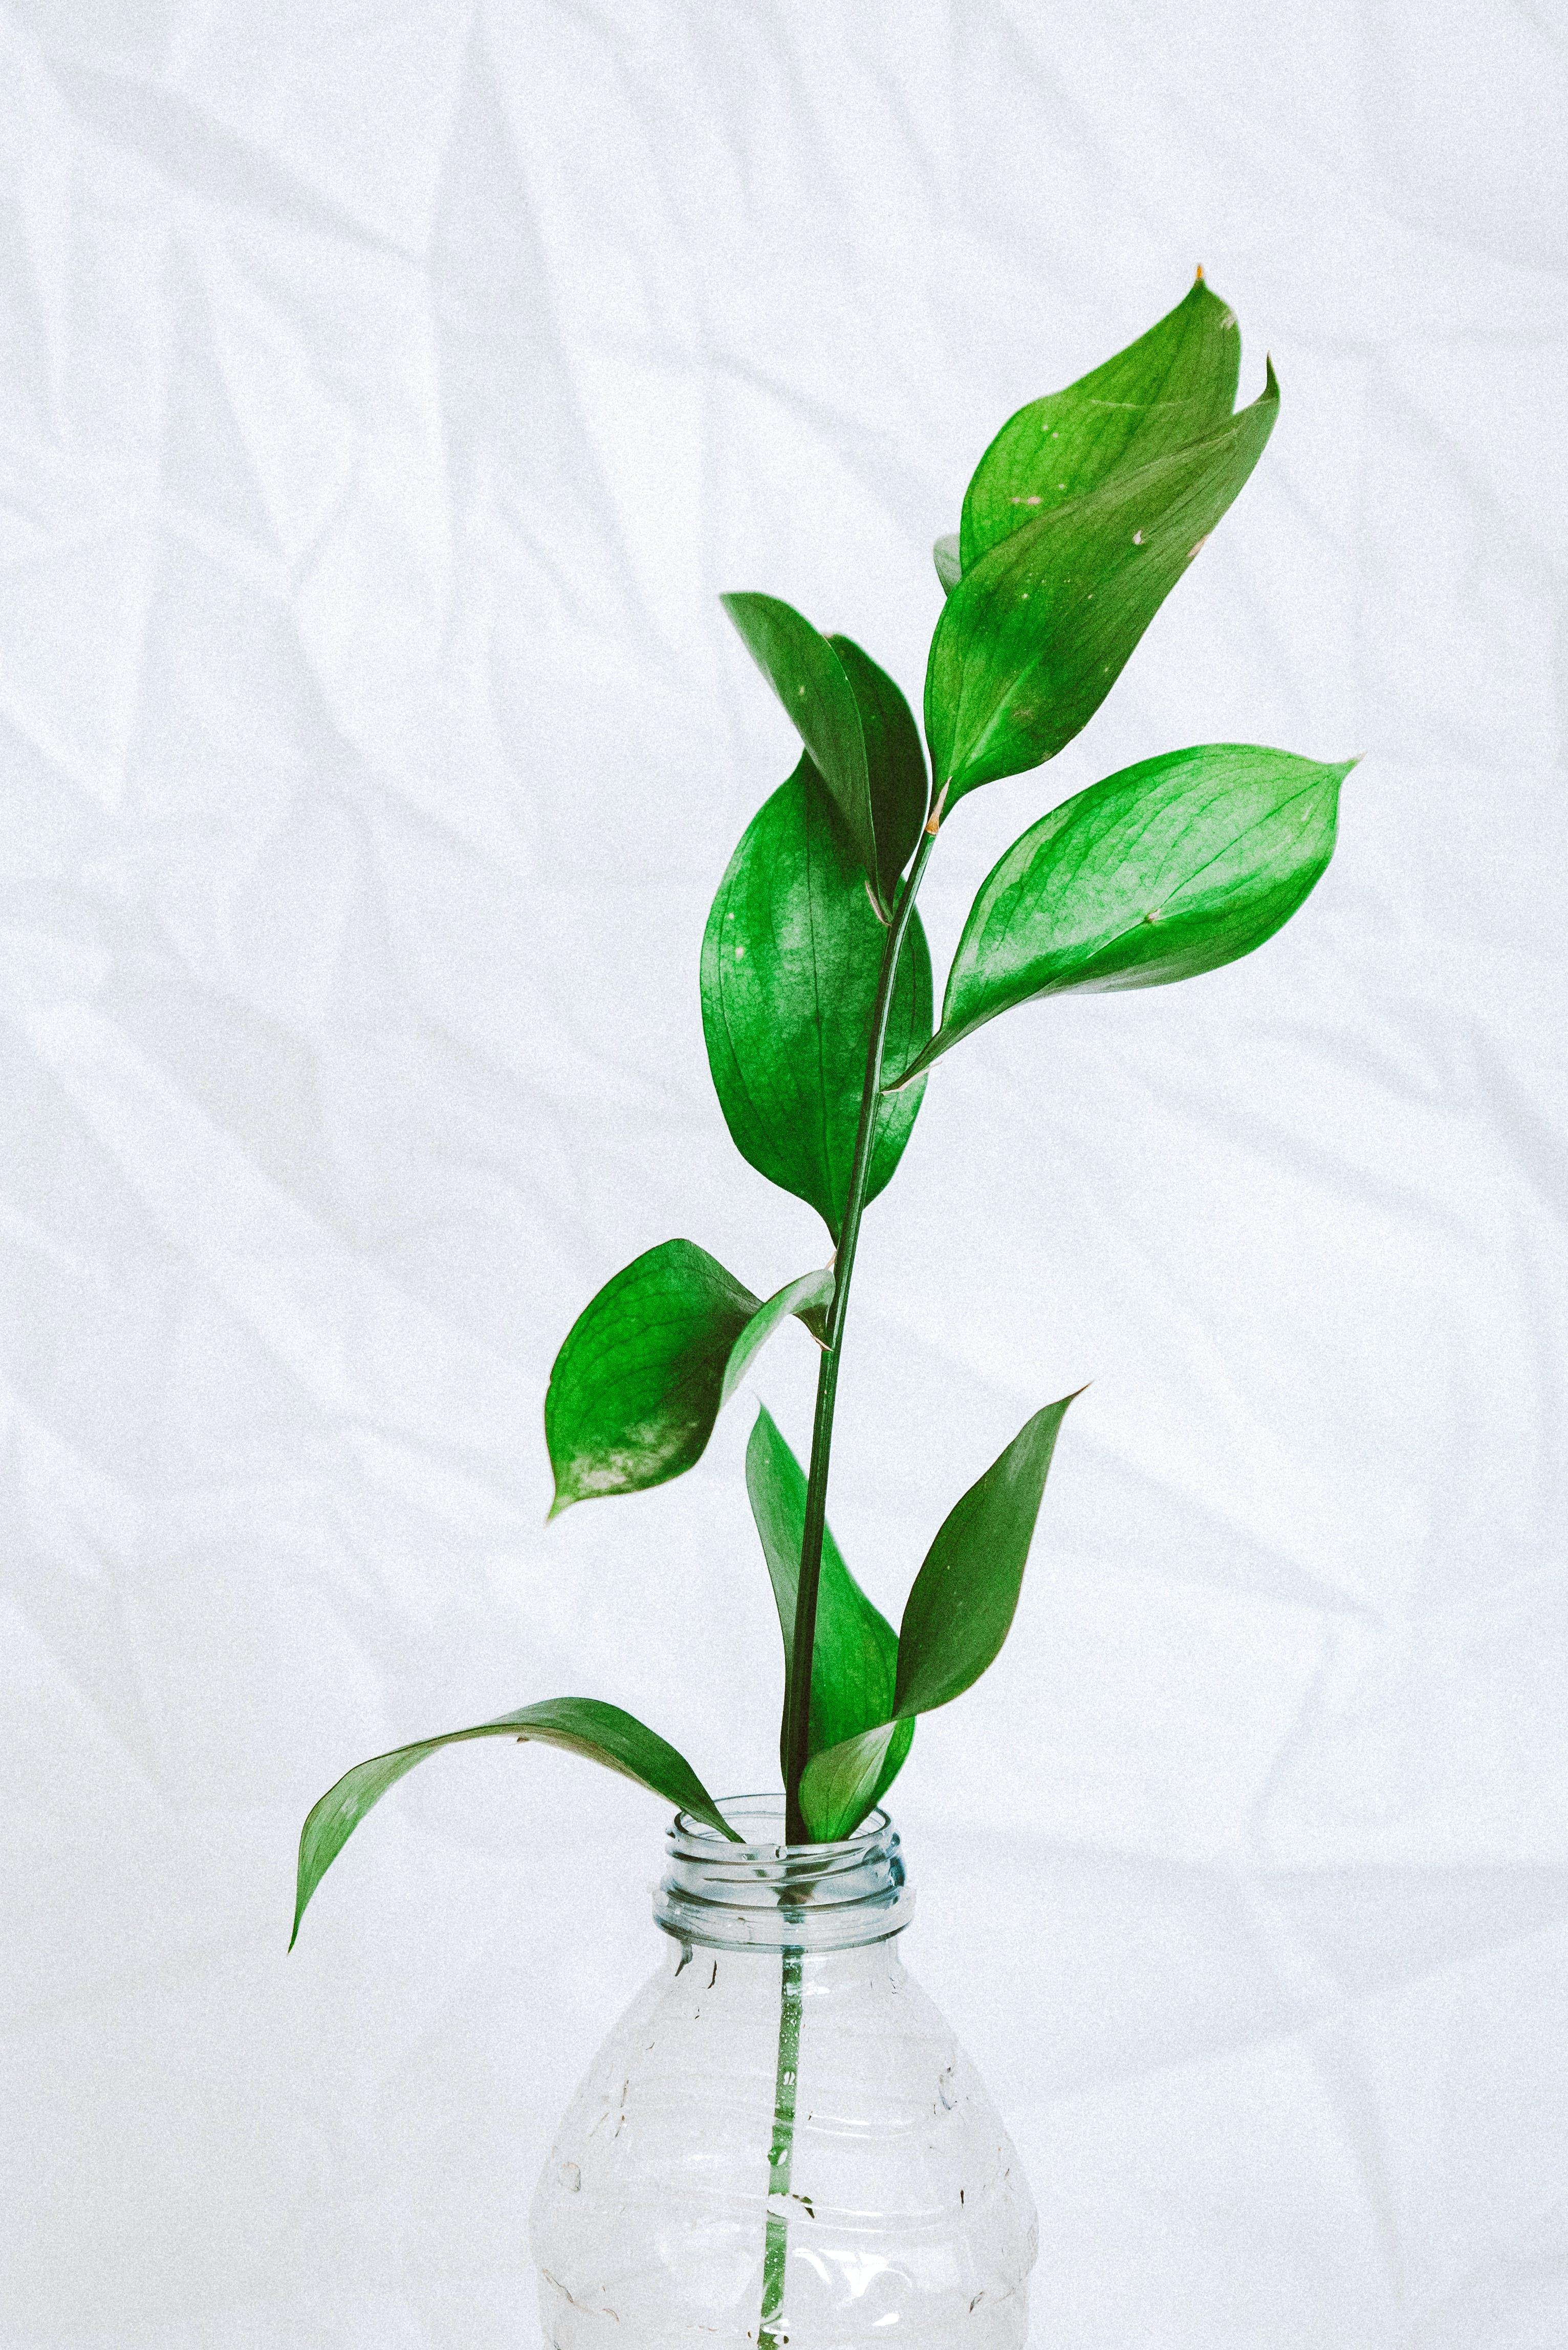 Kostenloses Stock Foto zu flasche, grazil, grün, grüne blätter